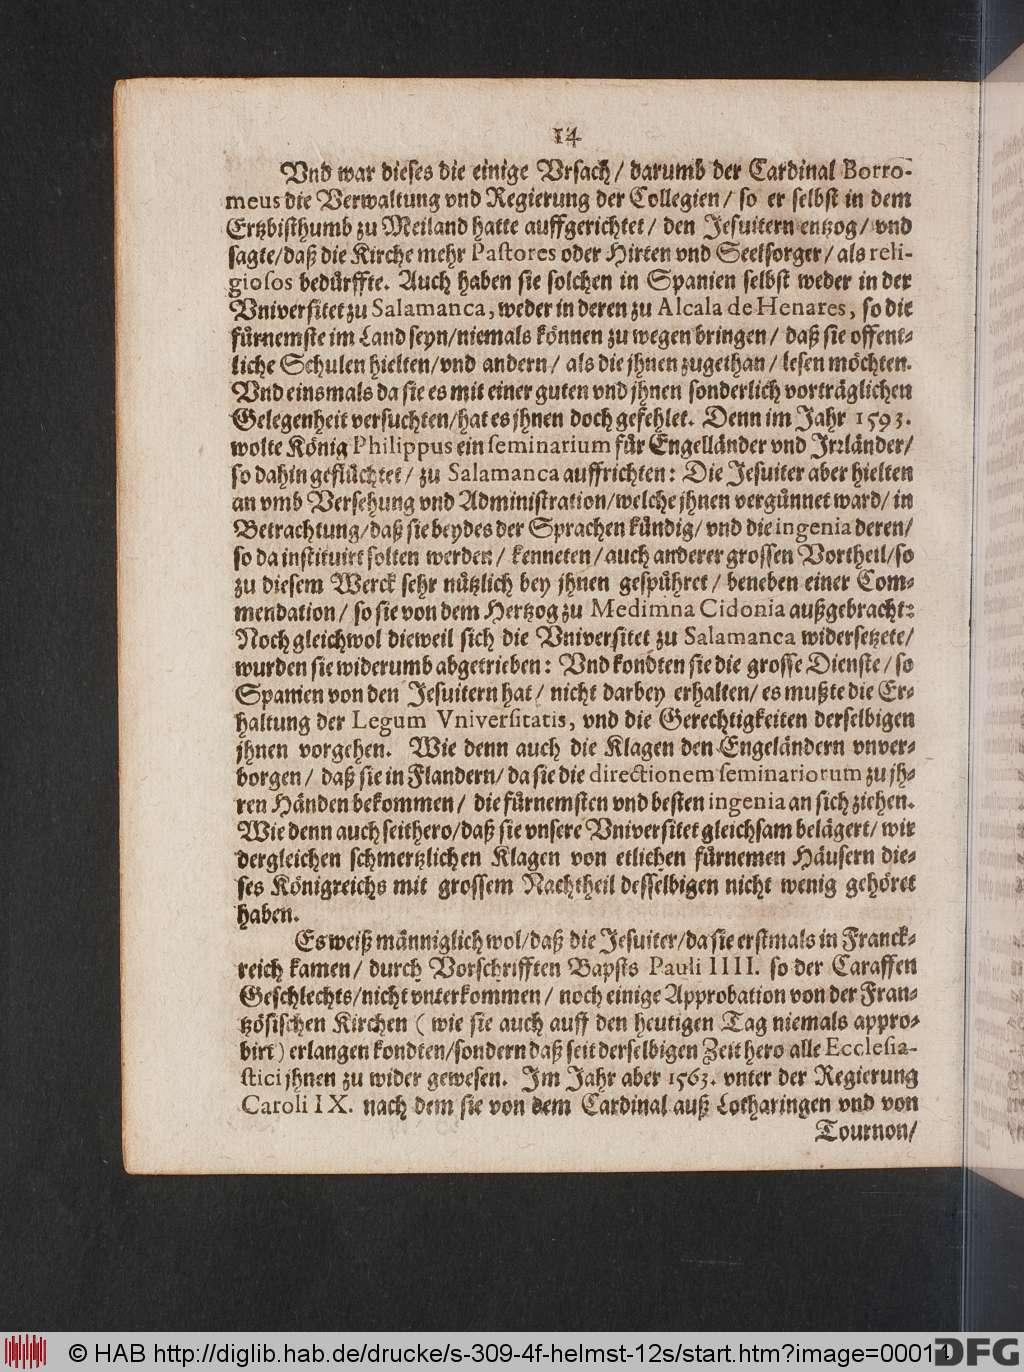 http://diglib.hab.de/drucke/s-309-4f-helmst-12s/00014.jpg